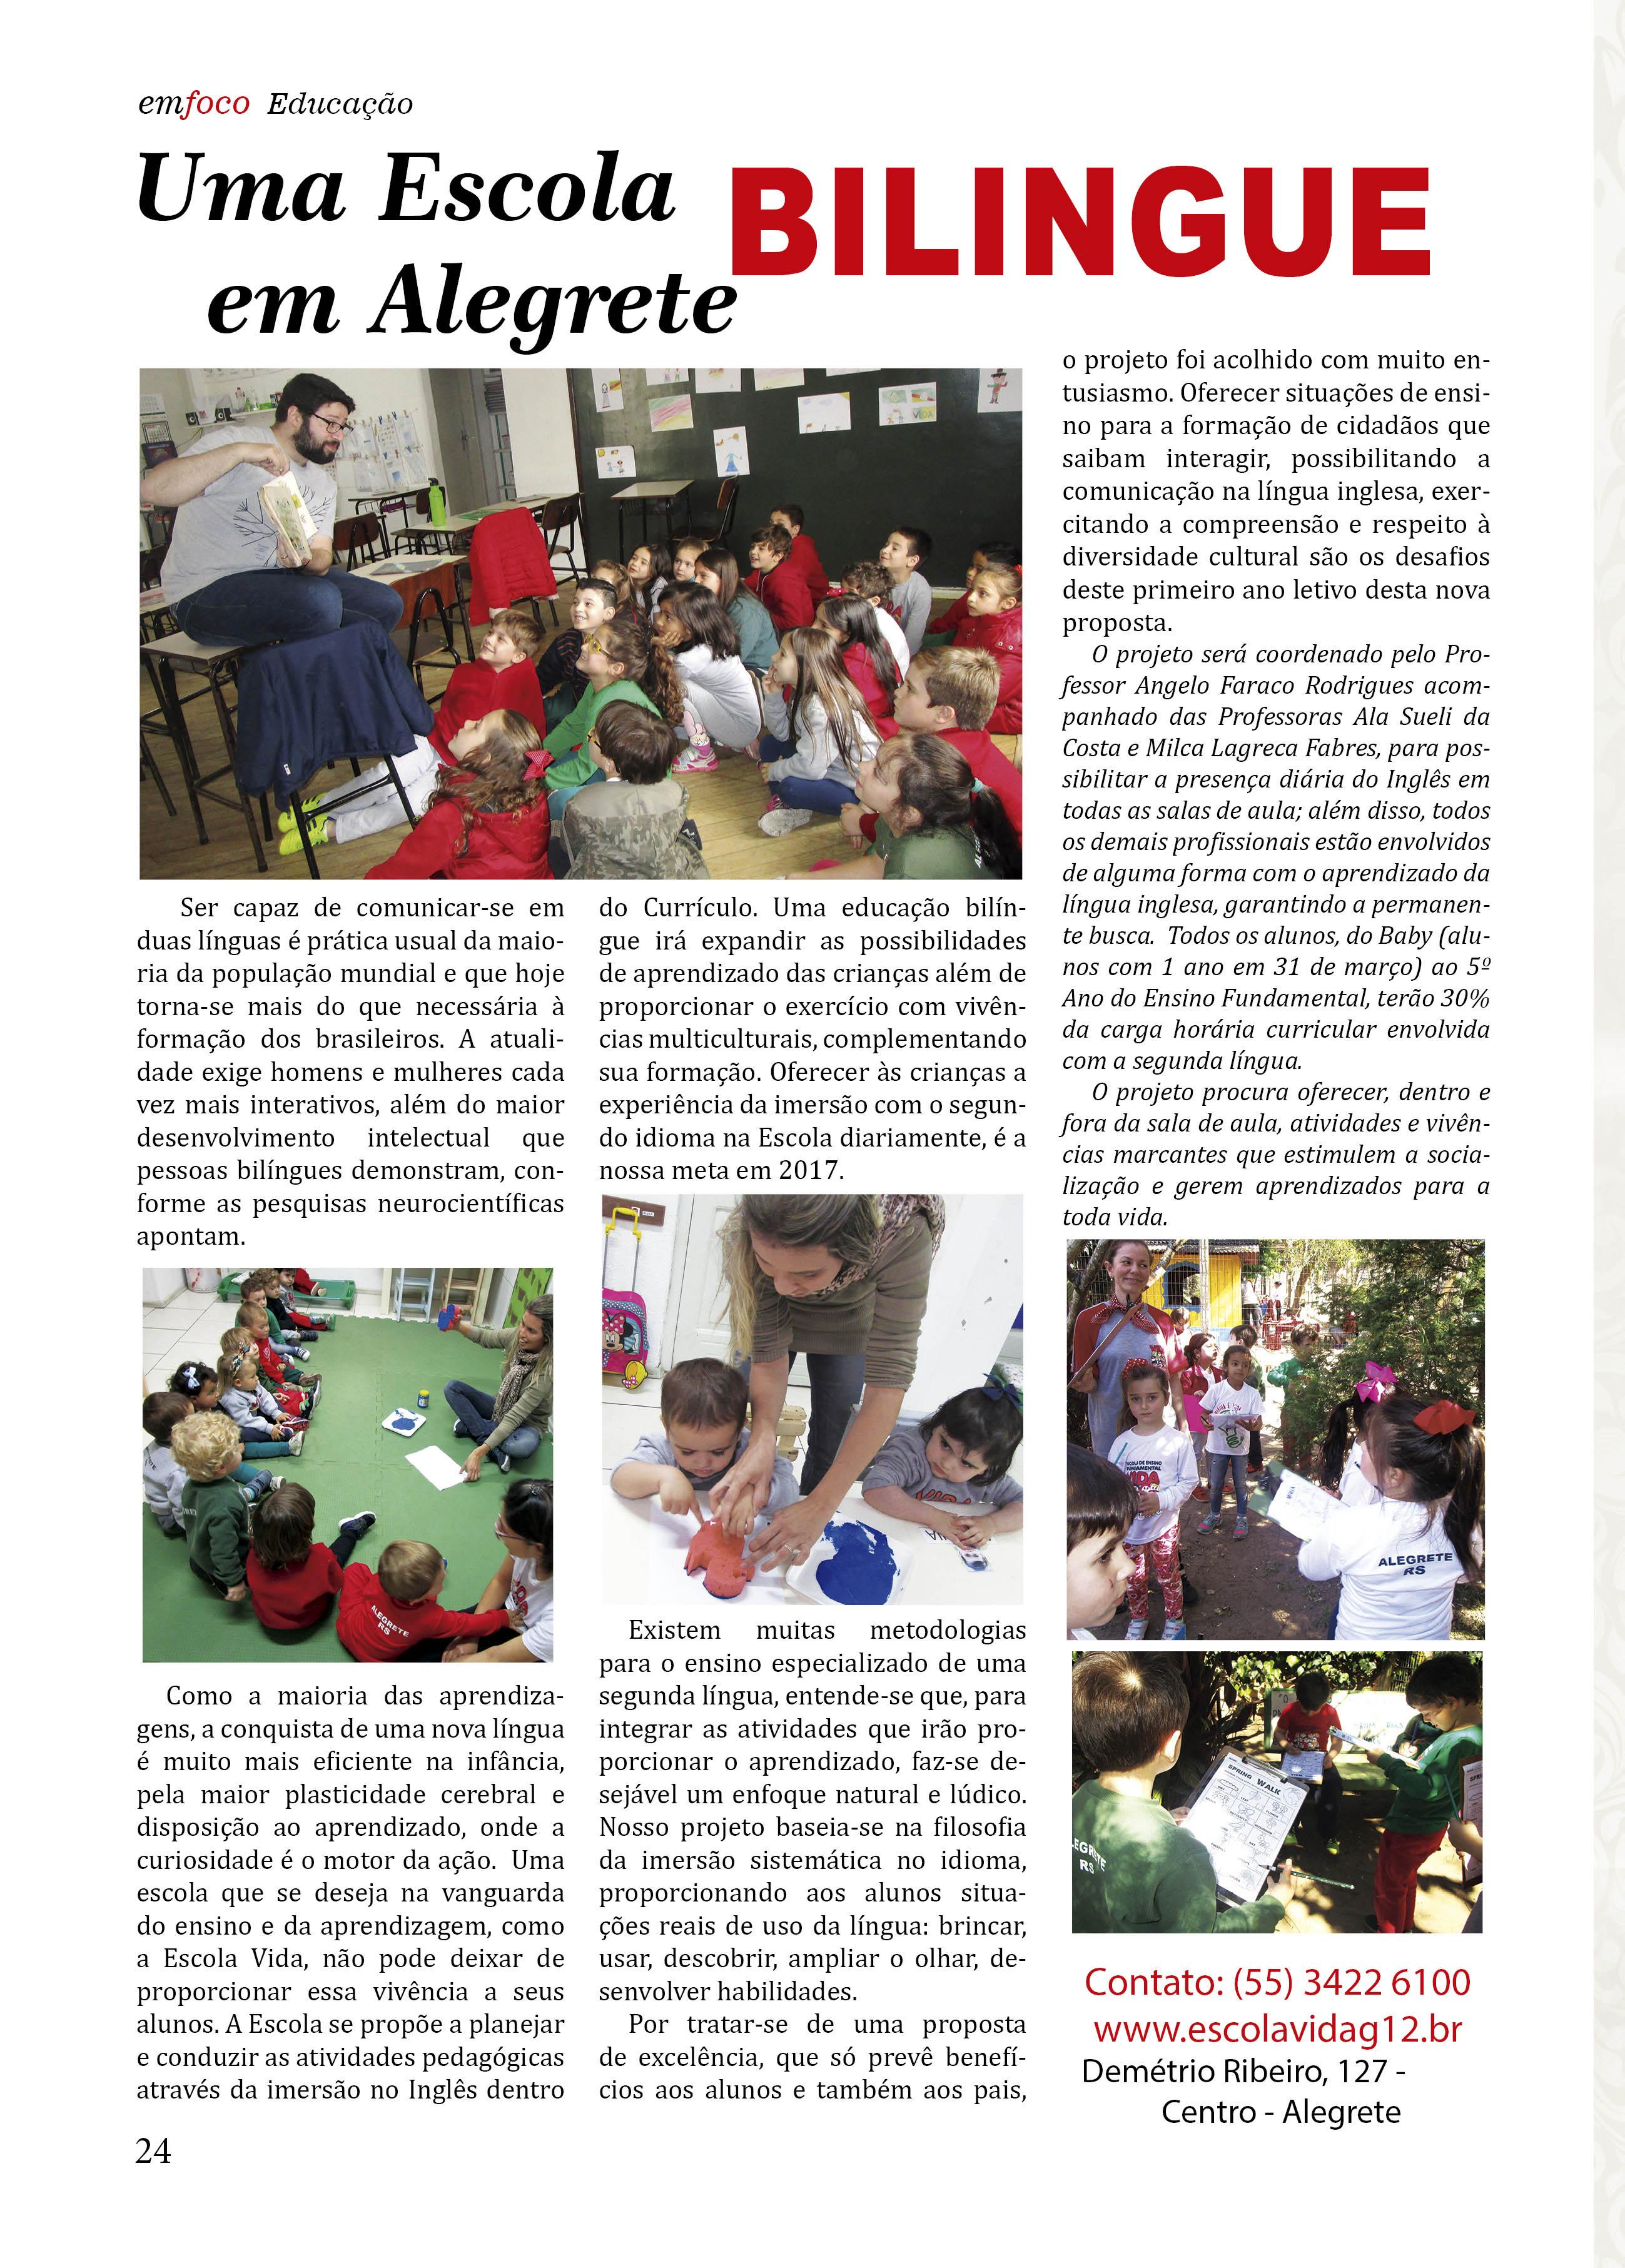 Uma escola Bilingue em Alegrete